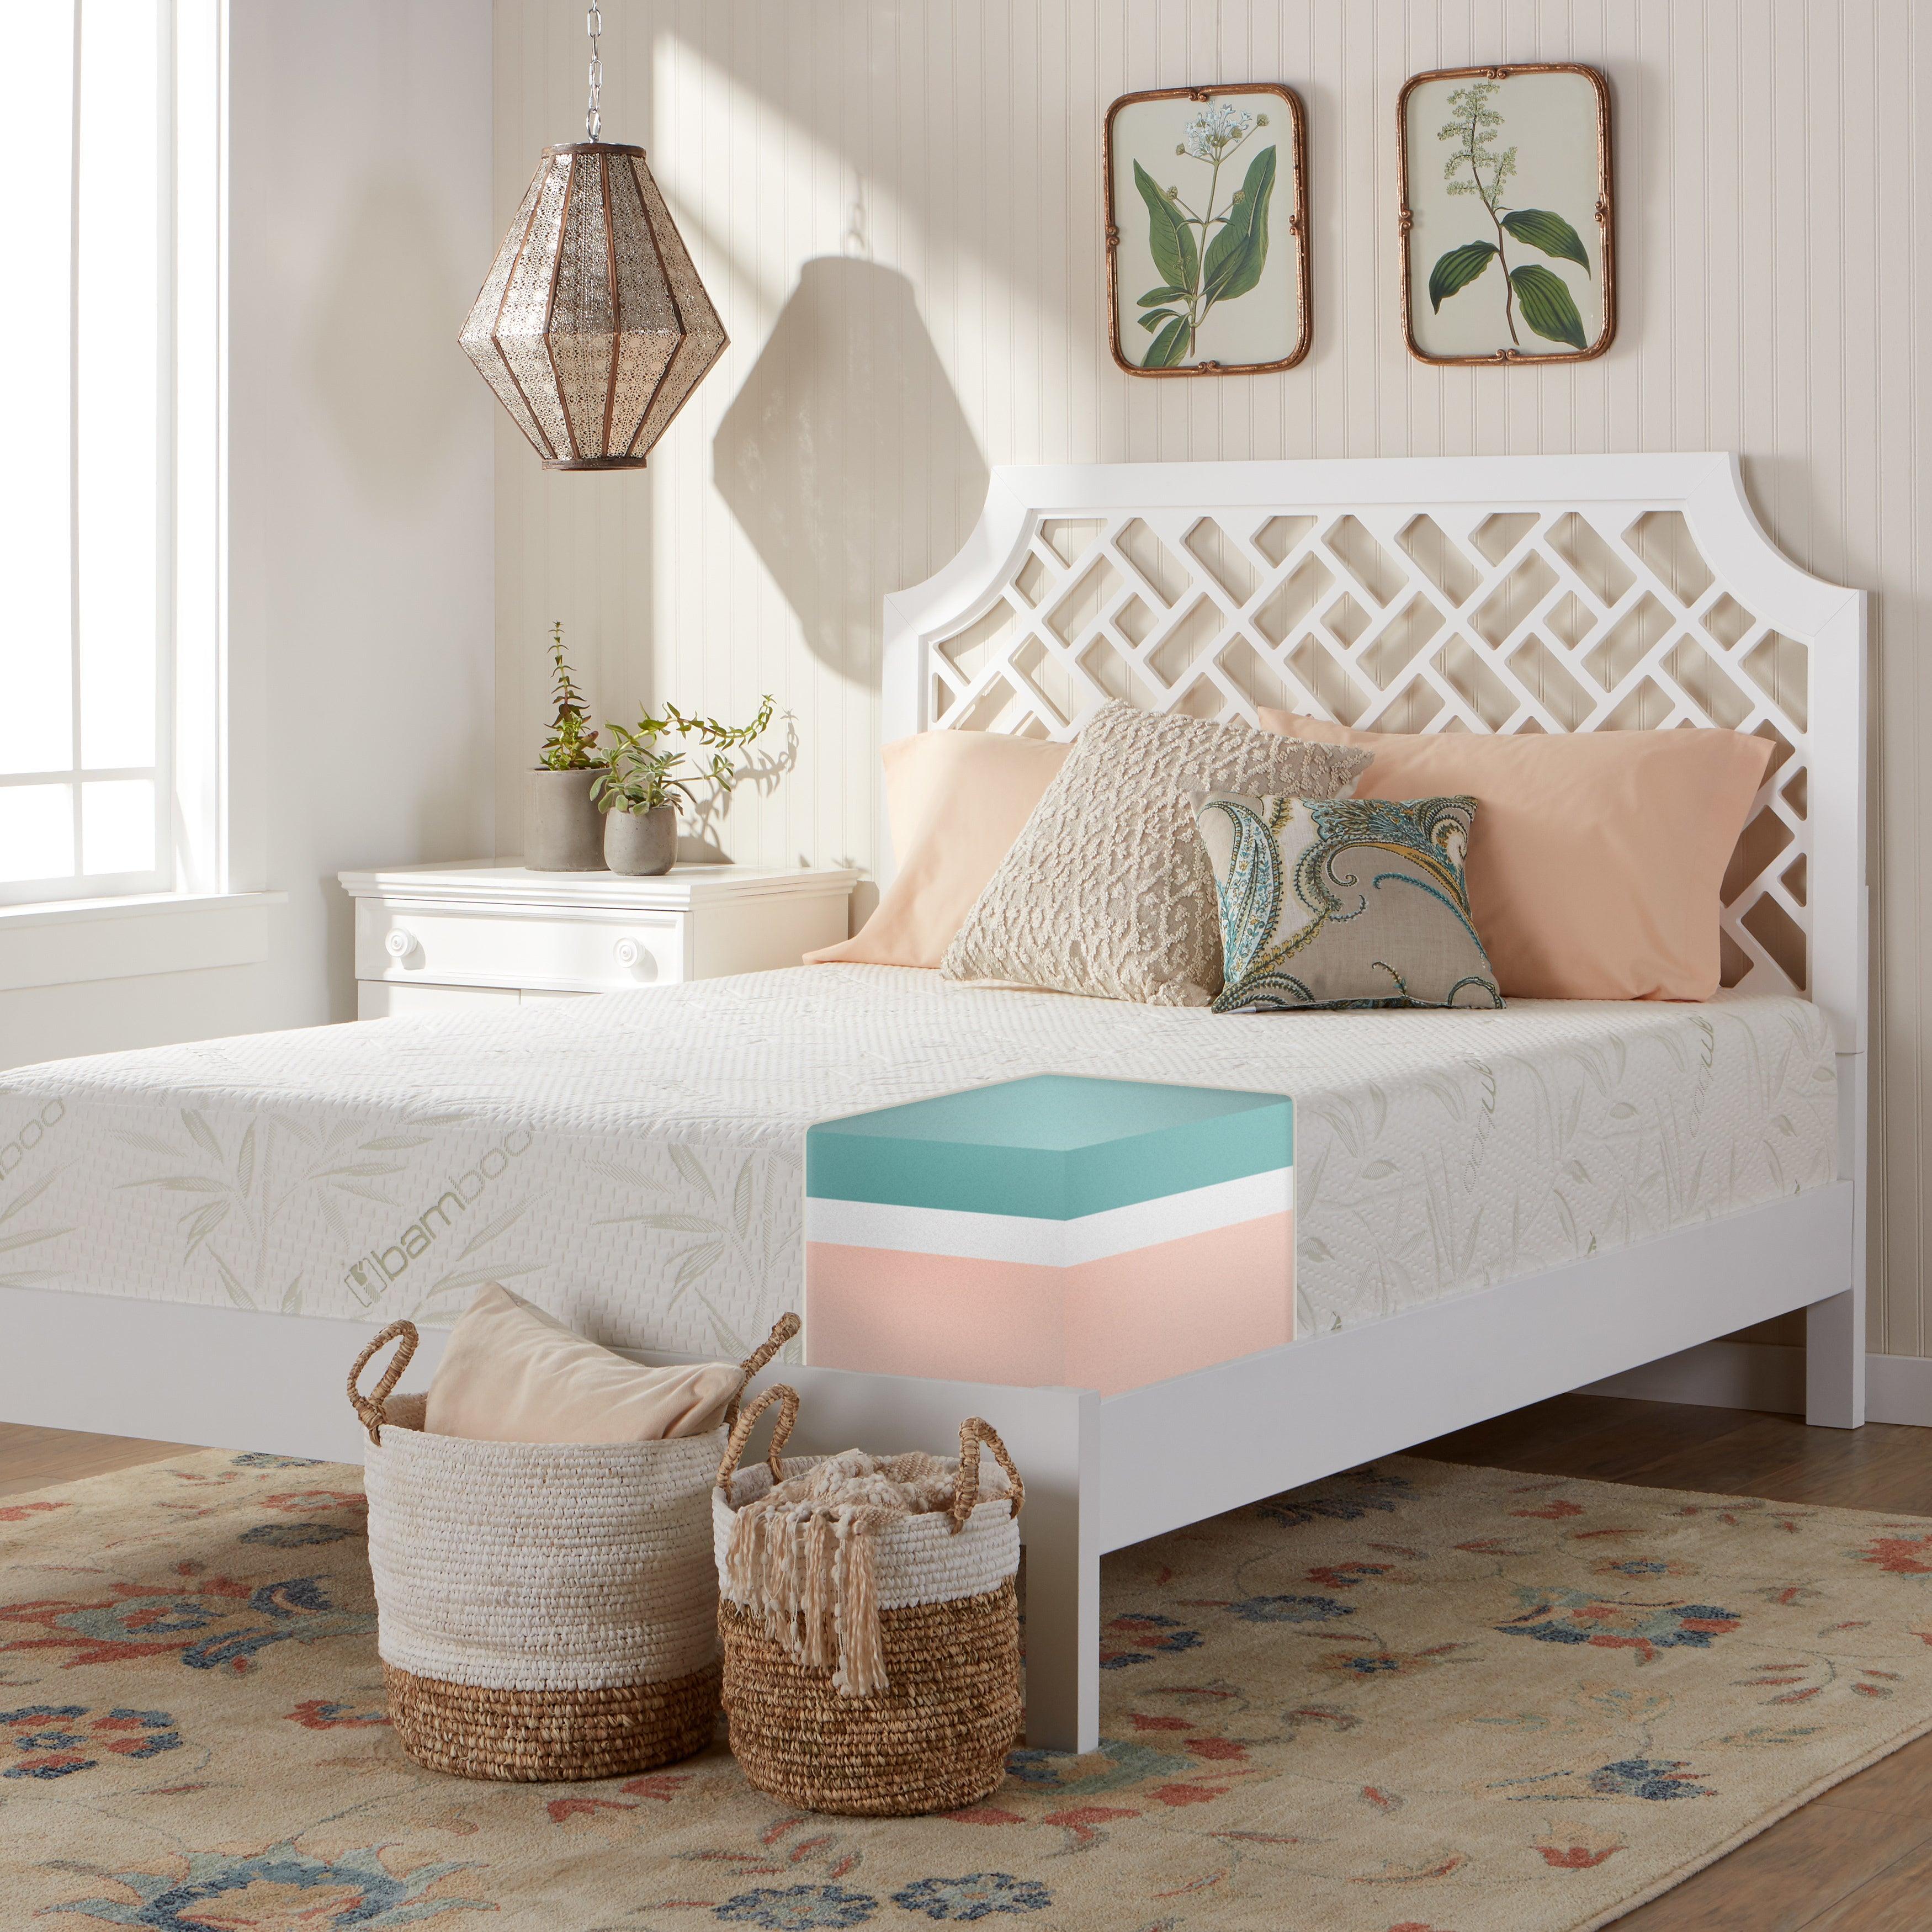 Comfort Dreams Luxury 12 Inch Twin Size Eco Memory Foam Mattress